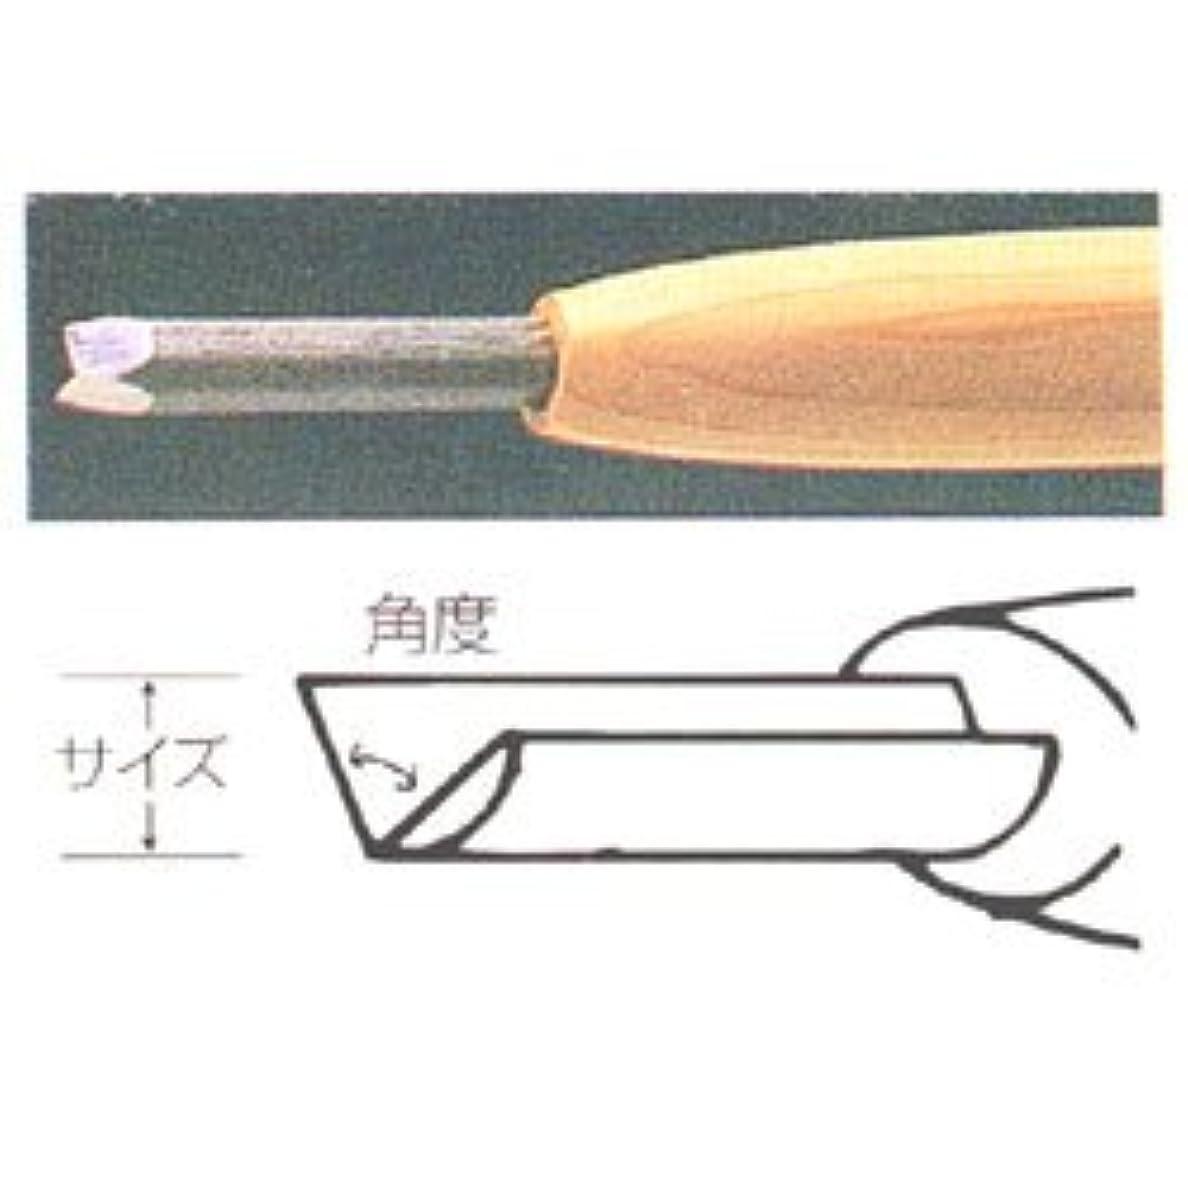 自己刃著作権彫刻刀 ハイス鋼 45°6mm 三角型